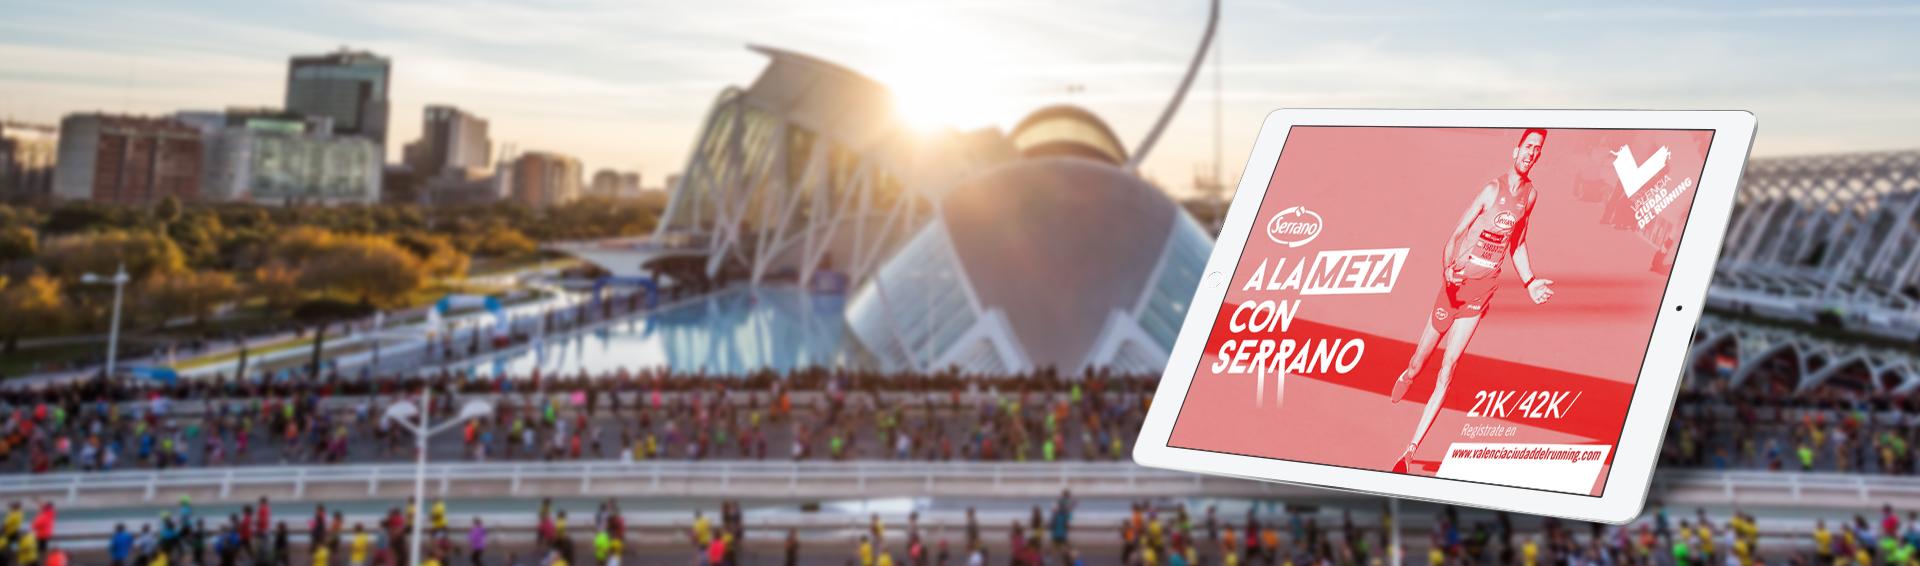 Planes Entrenamiento Maratón Valencia 2019